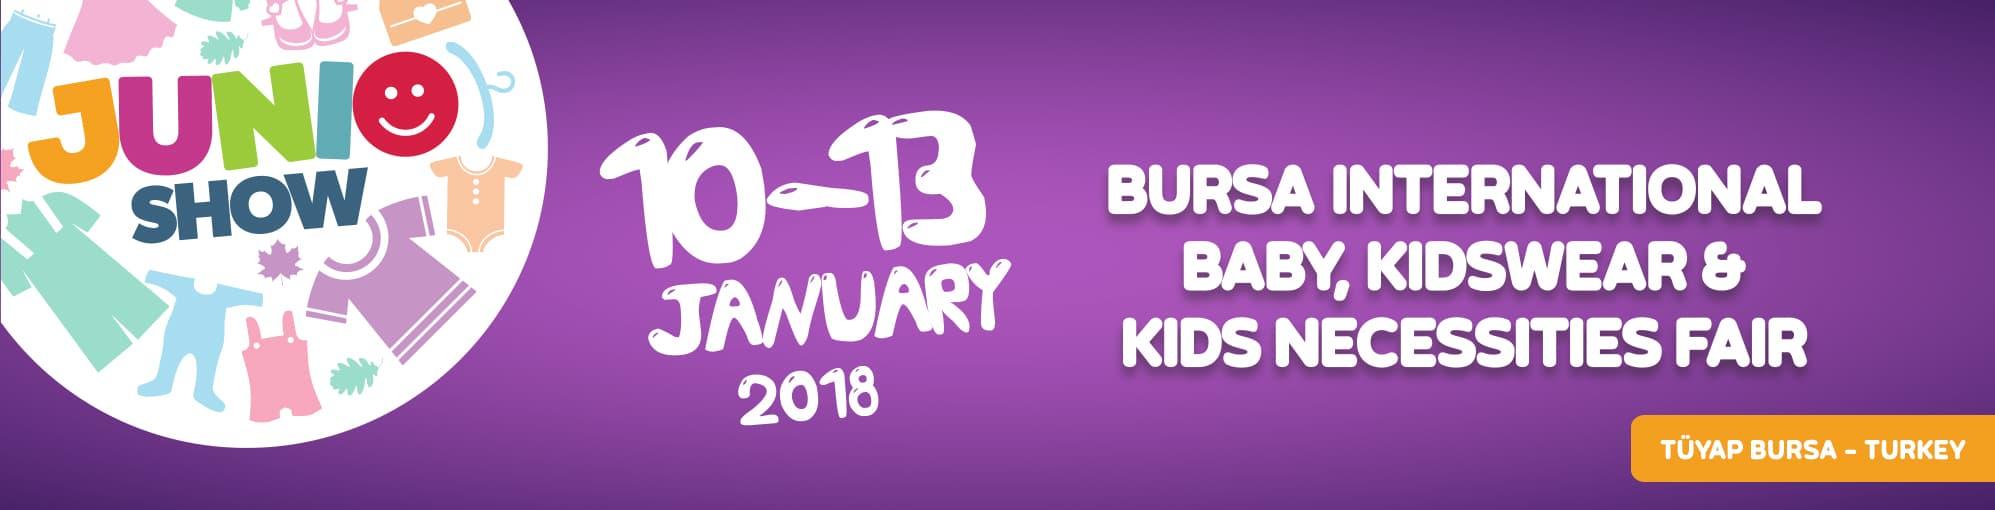 f6b6c03dab3b JUNIOSHOW 2018. Международная выставка одежды и товаров для ухода за детьми  и младенцами ...